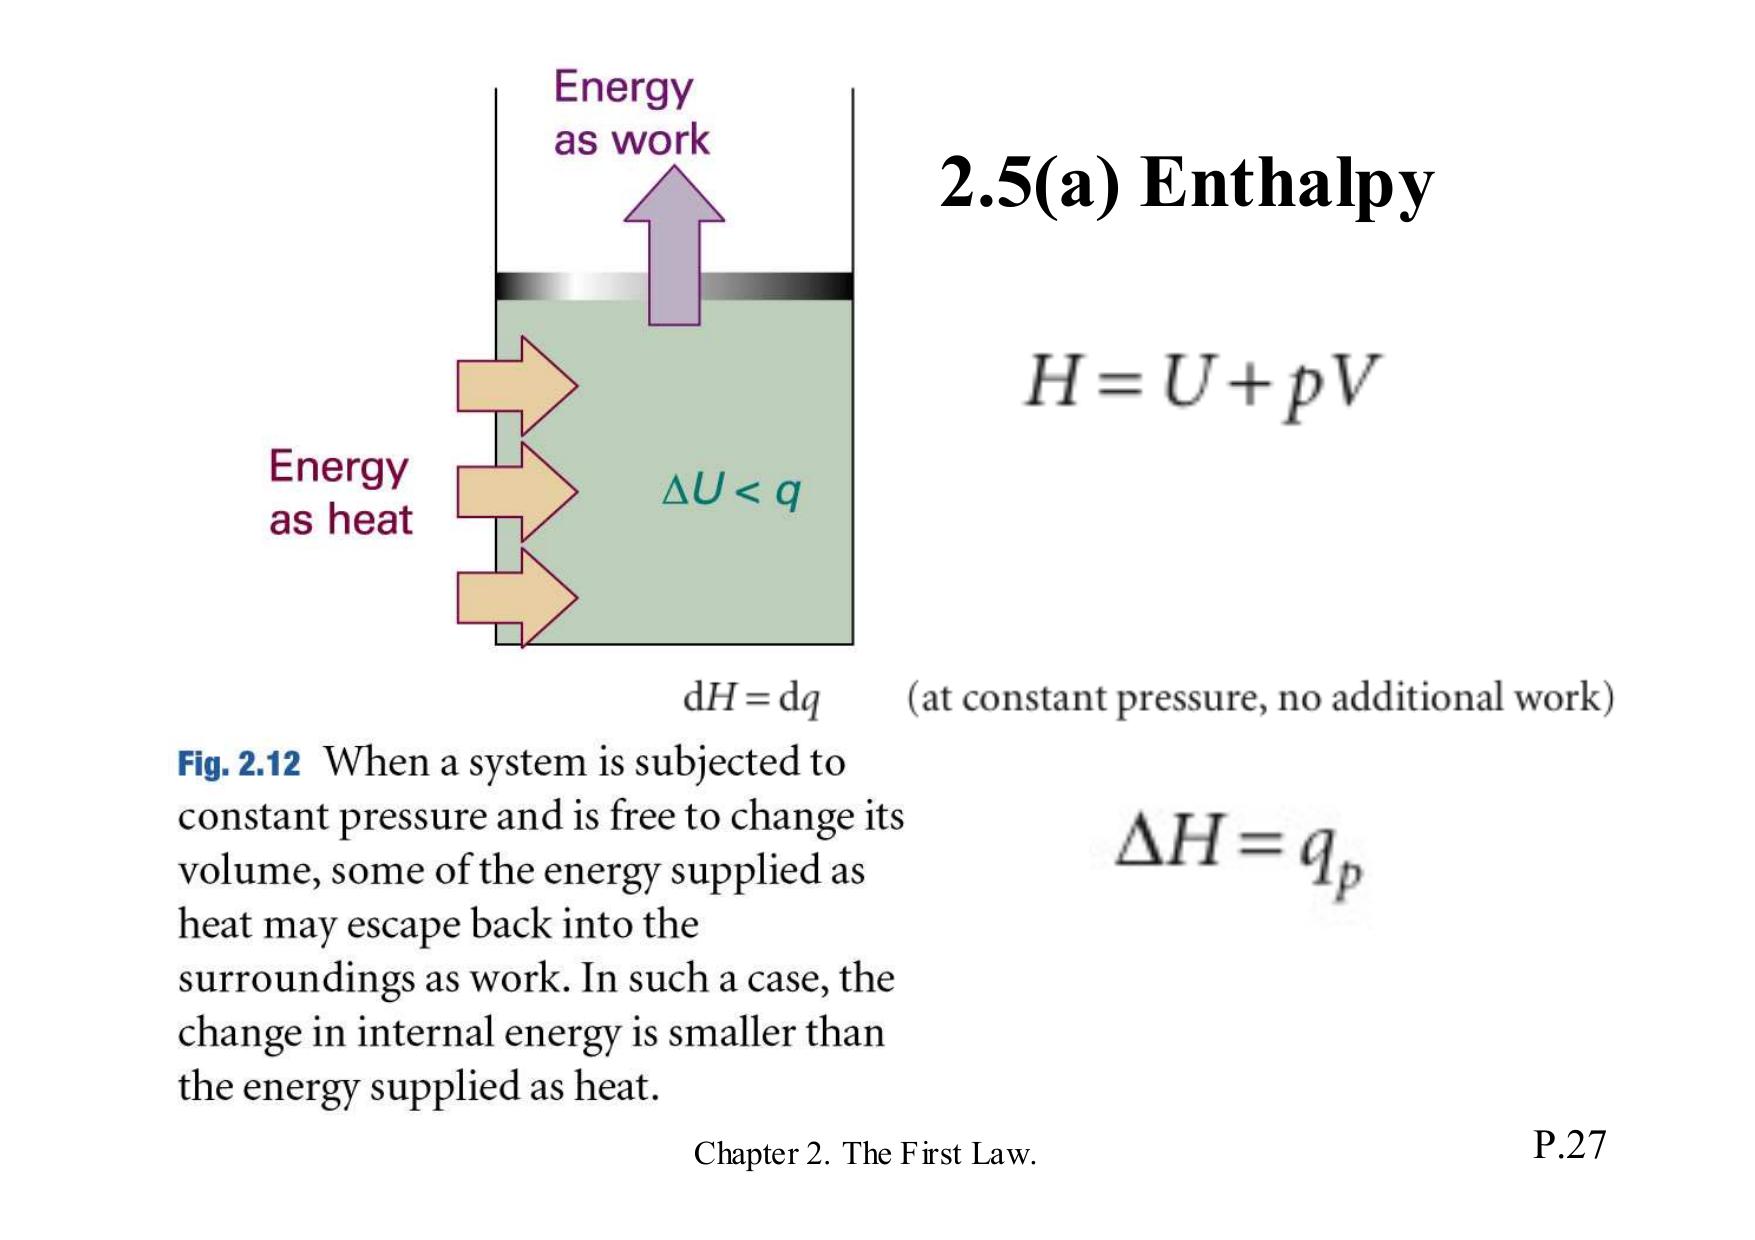 2.5(a) Enthalpy